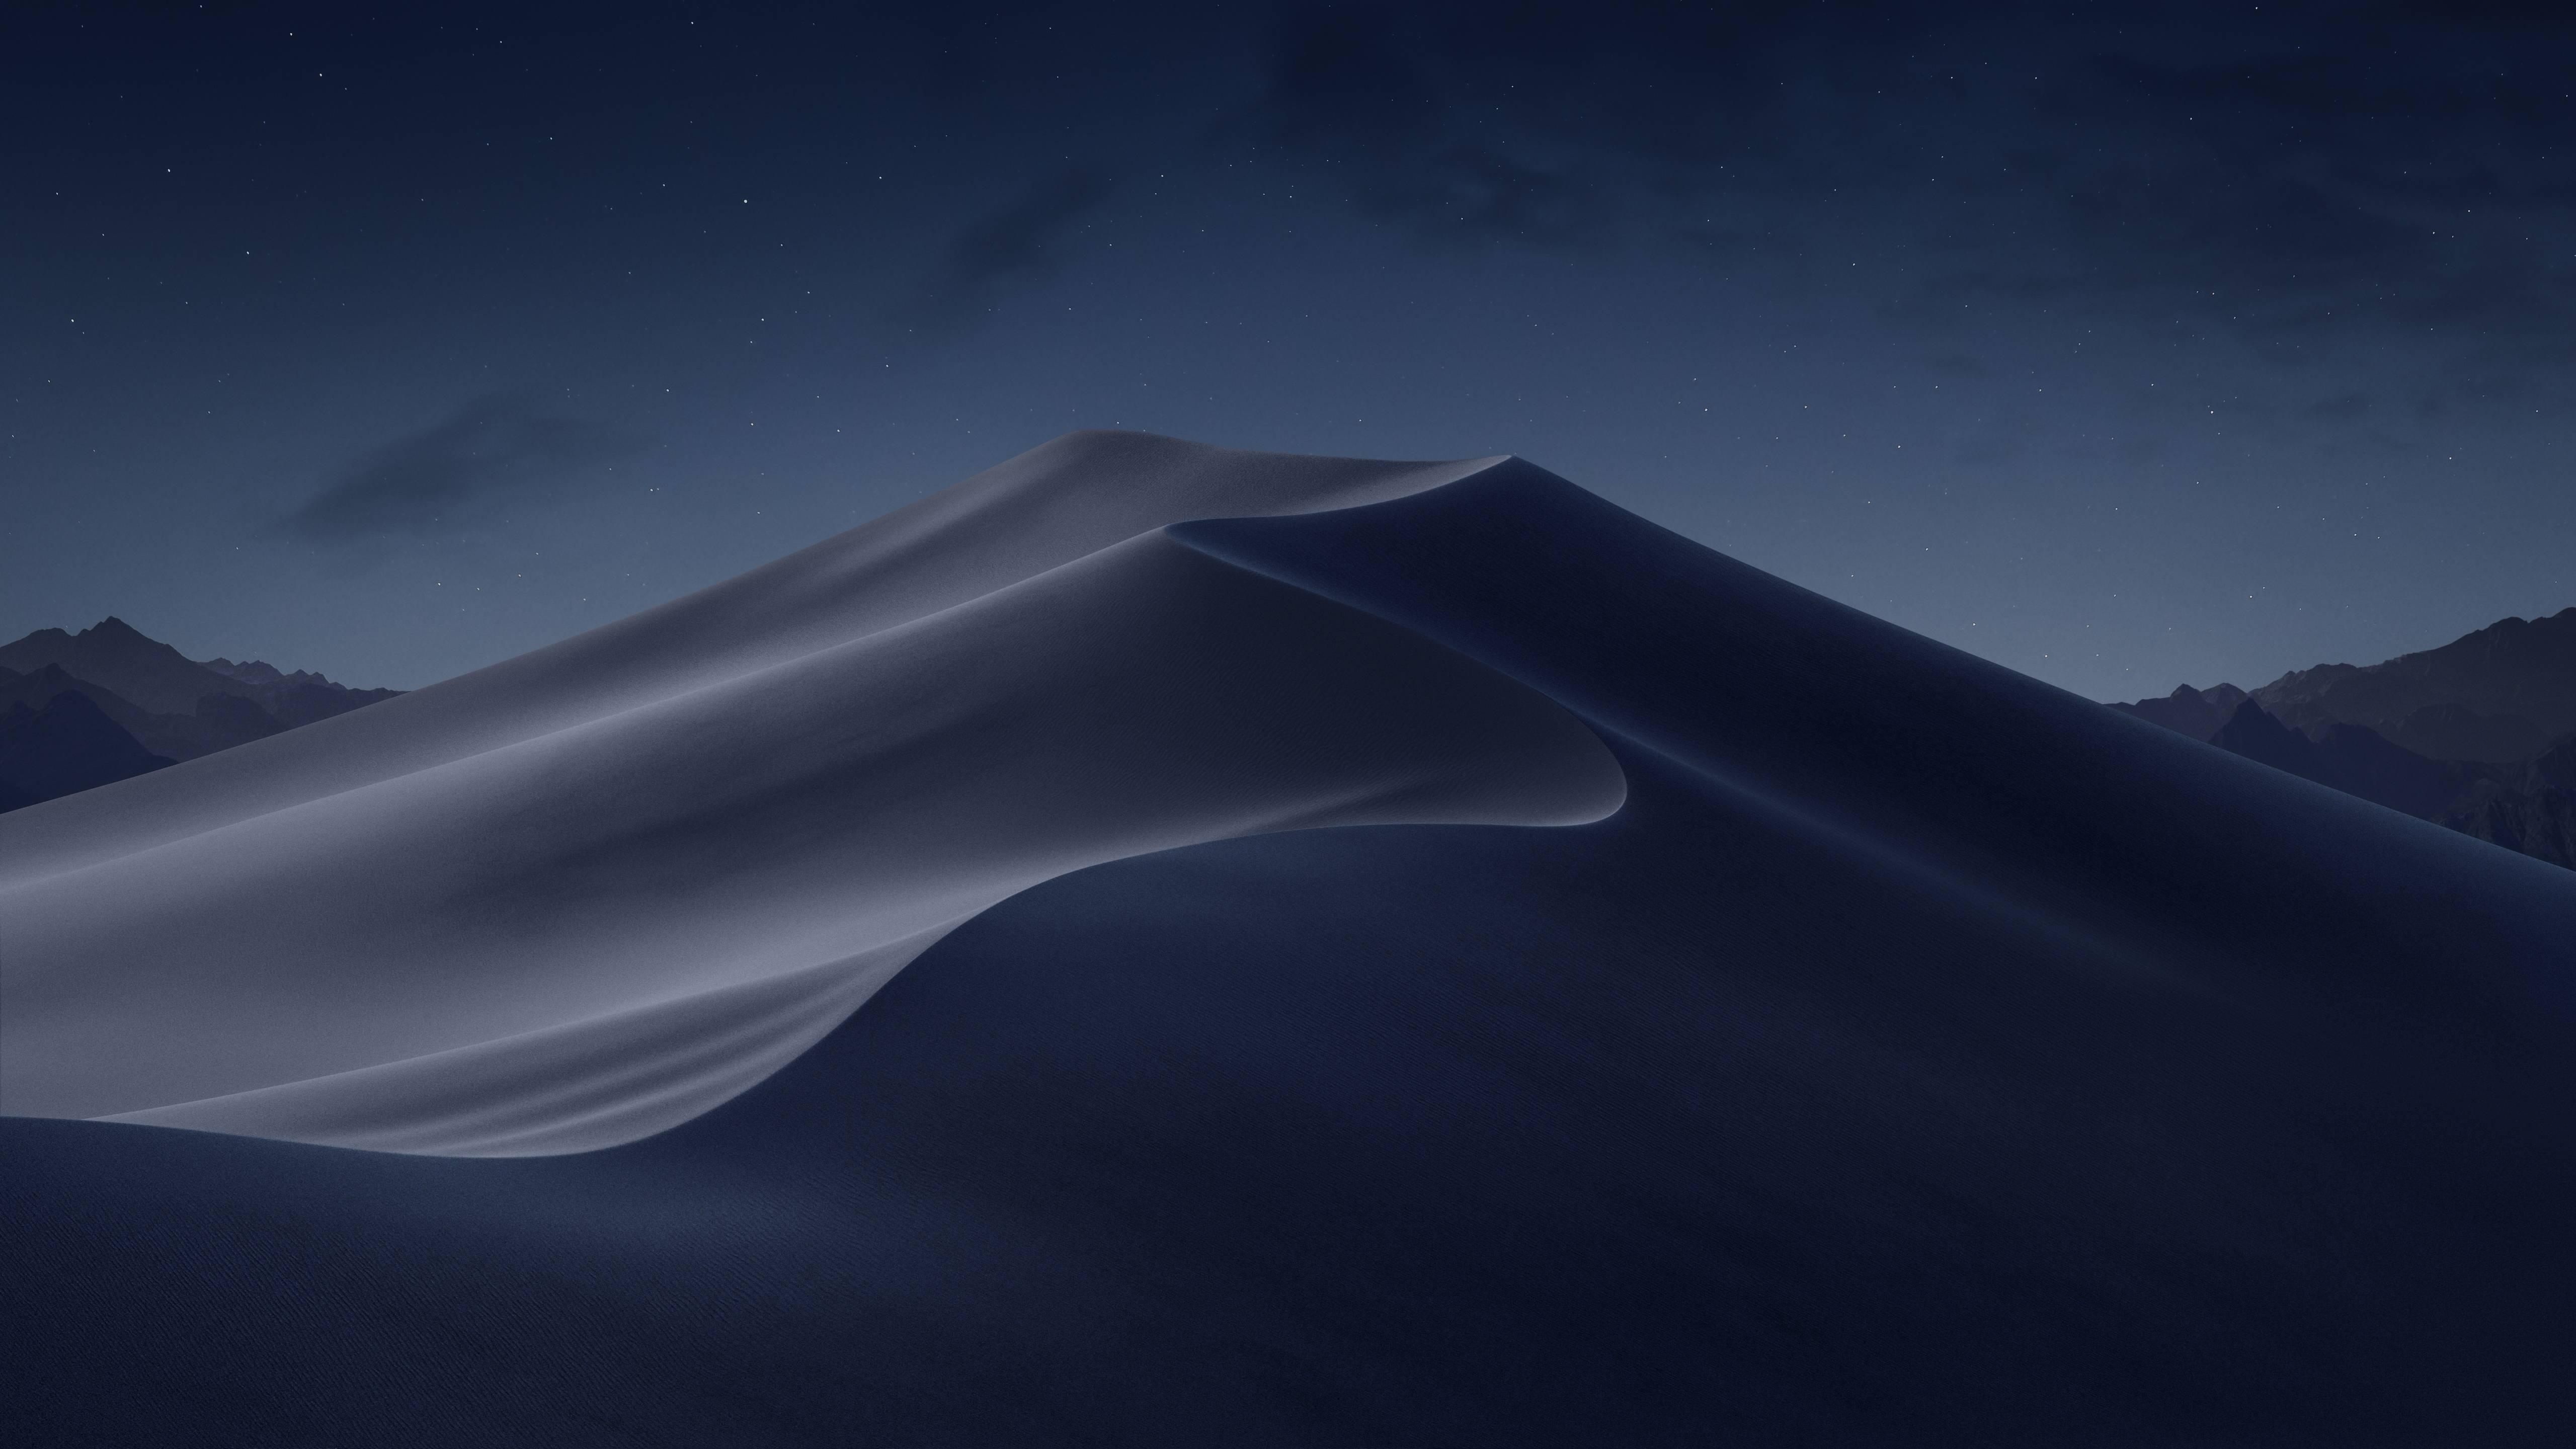 macOS Mojave Night Desert